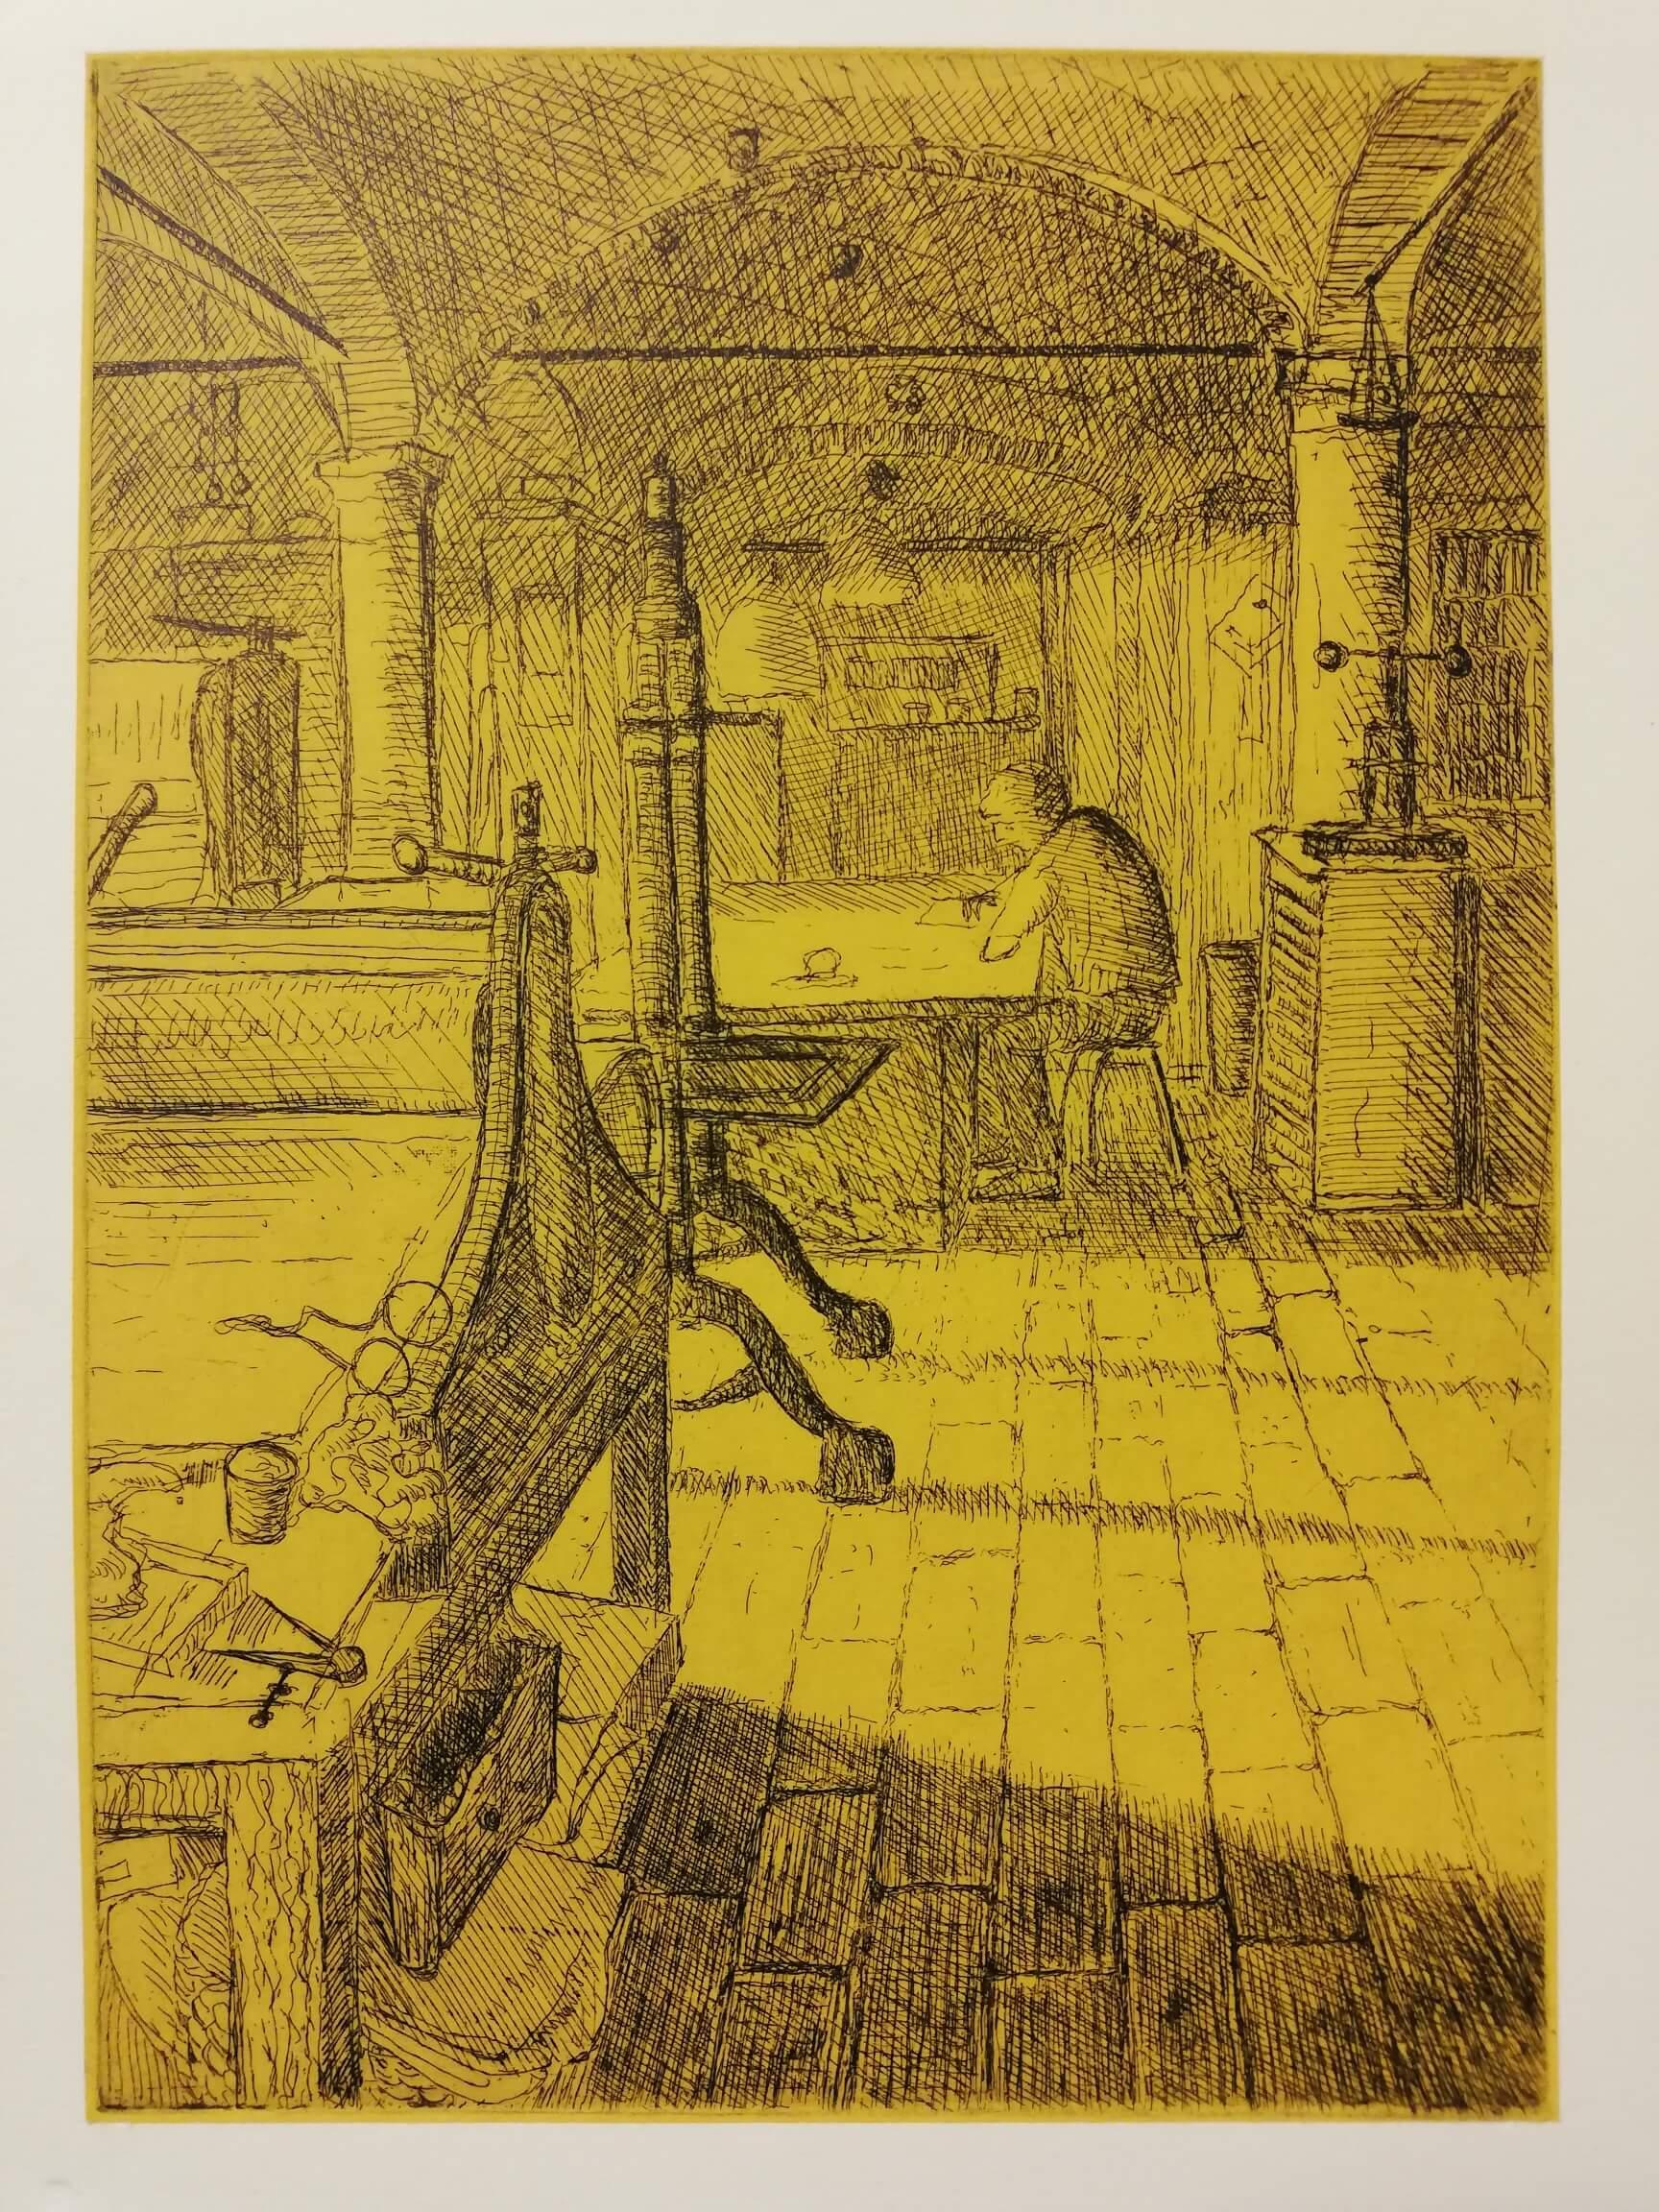 L'atelier Beuchat jaune engrave by Michel Puharré 2019